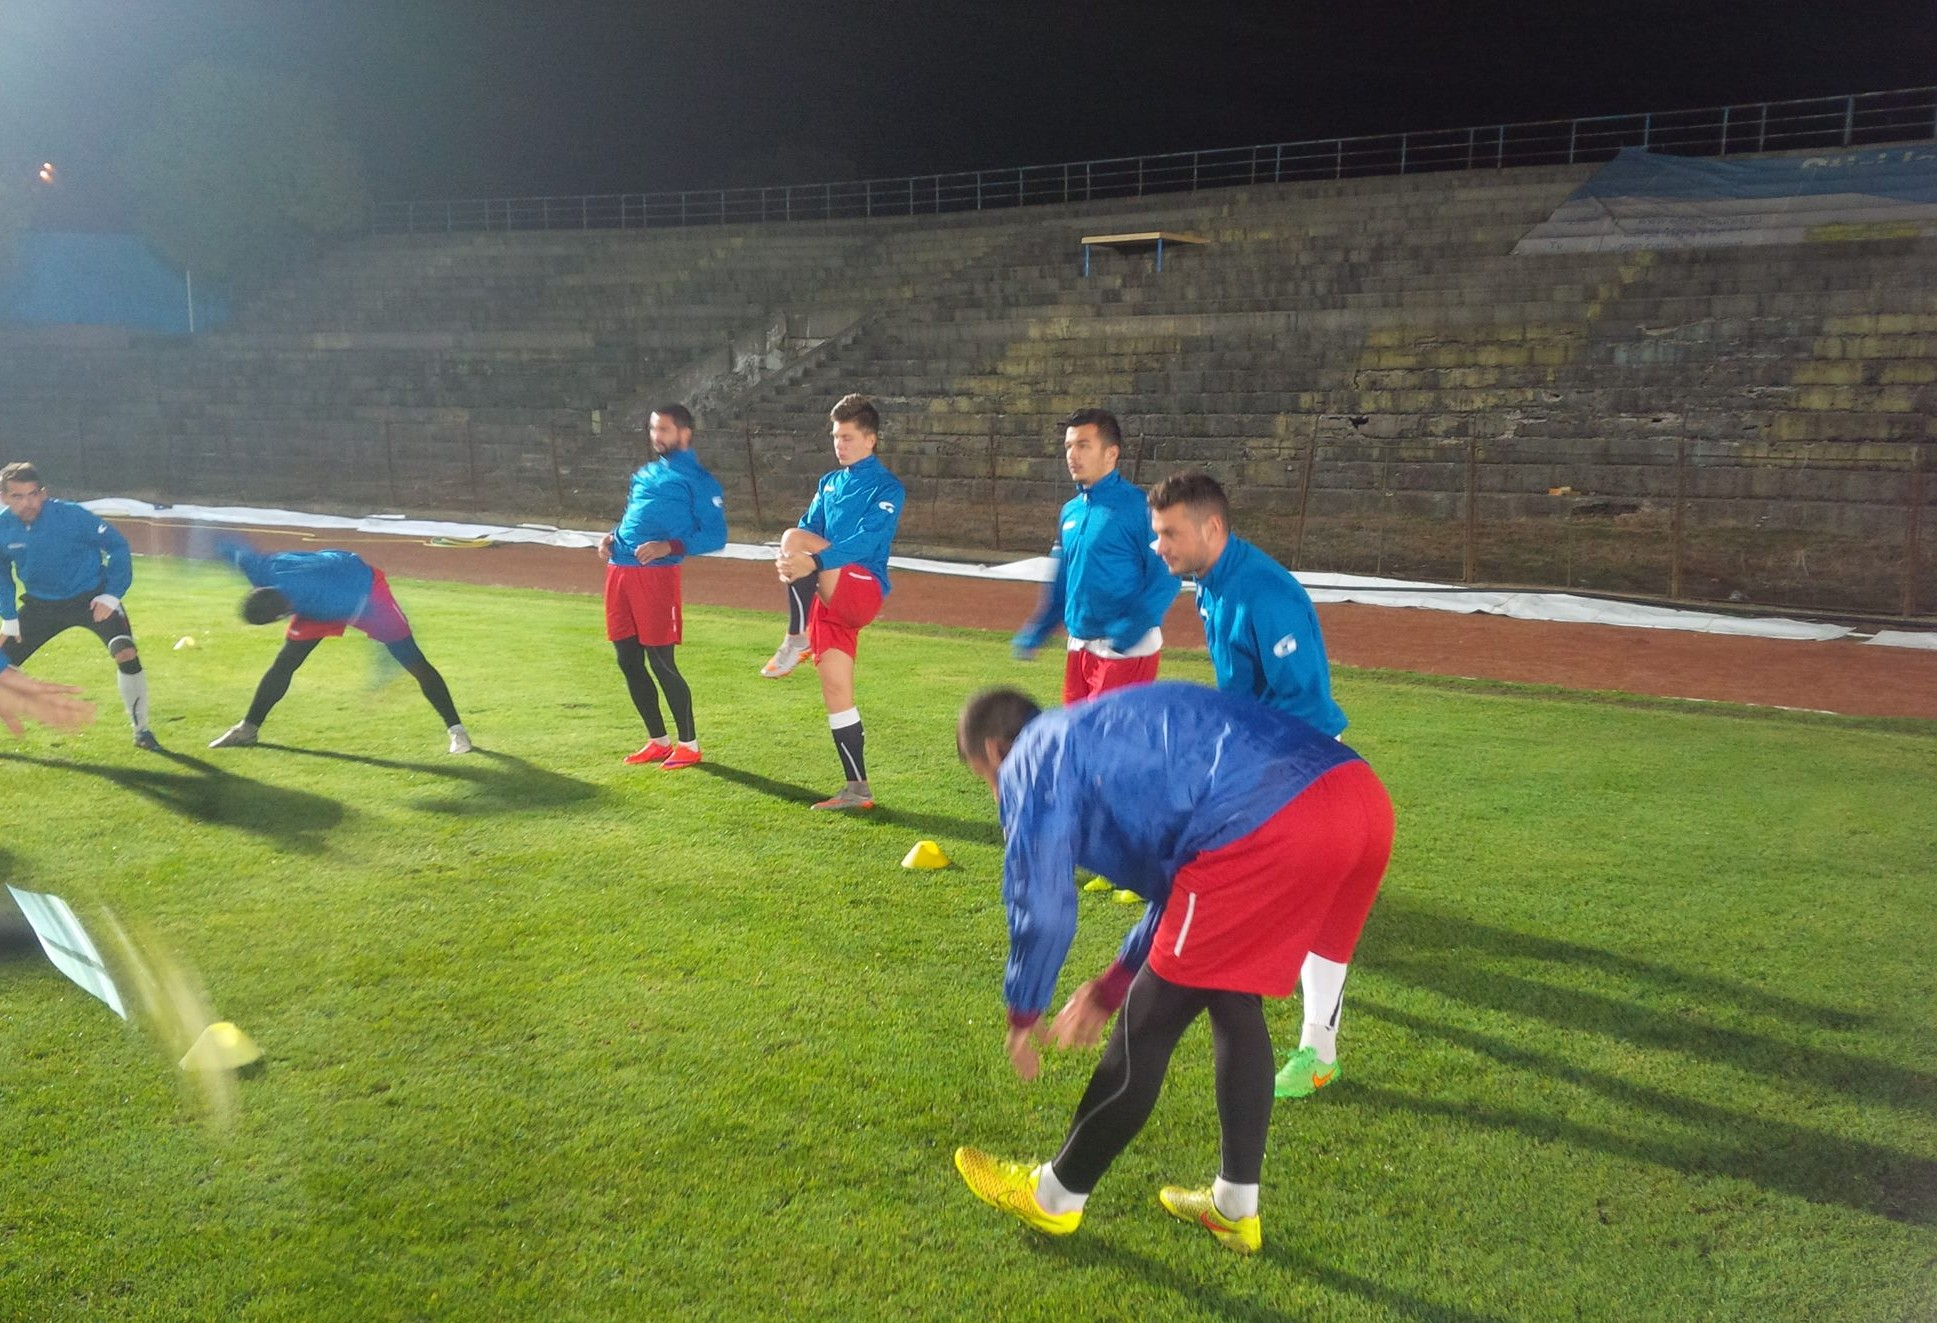 poze profi de la un antrenament profi pe un stadion profi. Foto: FB Baia Mare